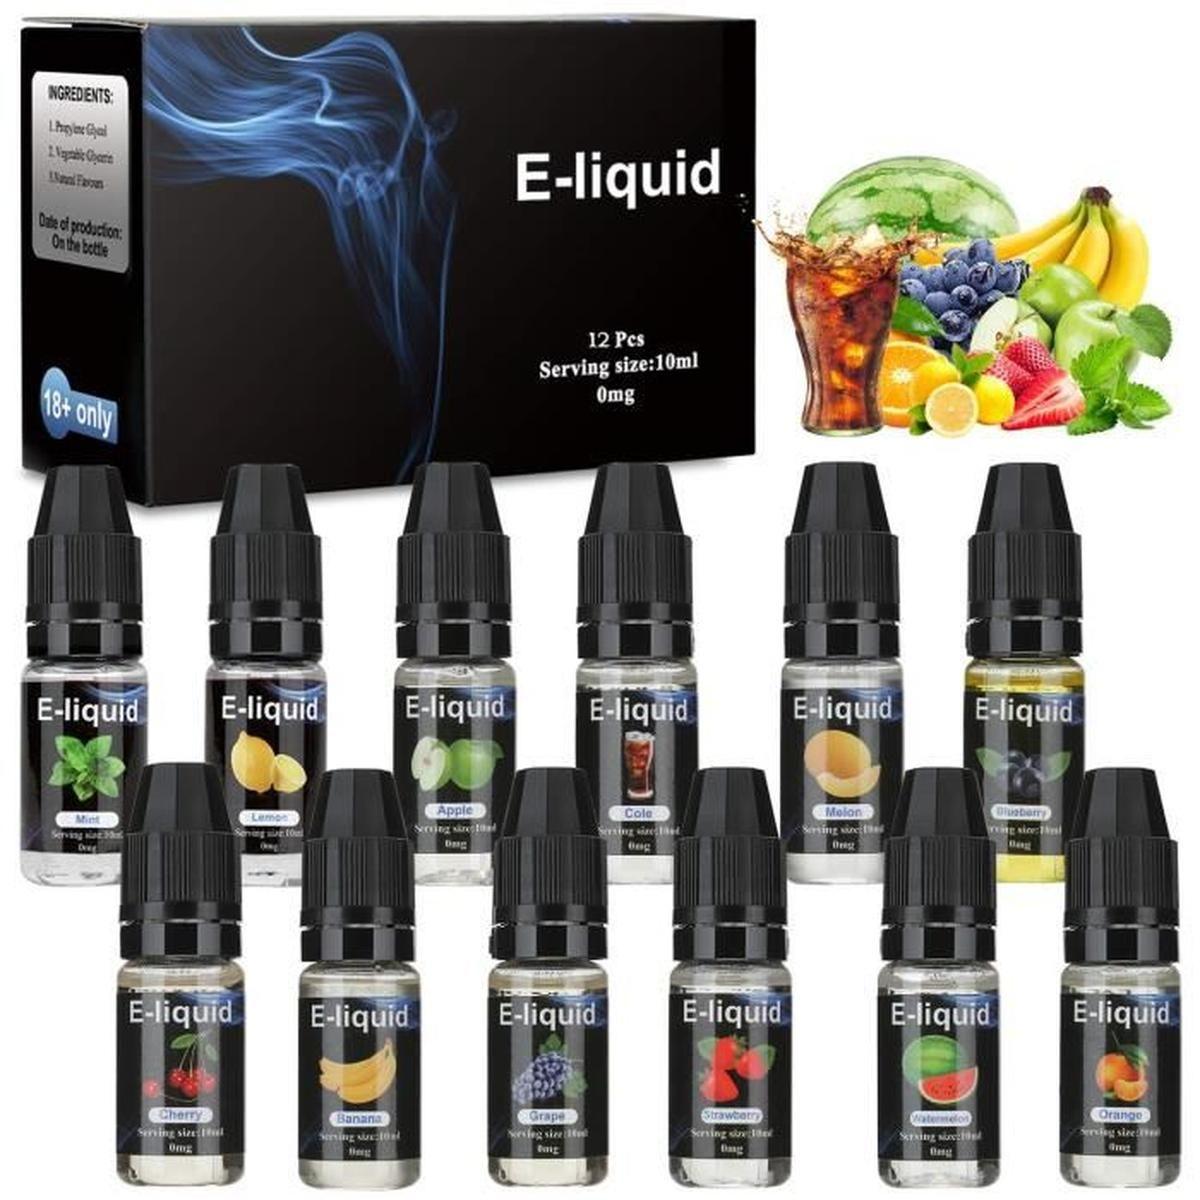 Cigarette électronique : que pensez-vous de la marque Vaporesso ?